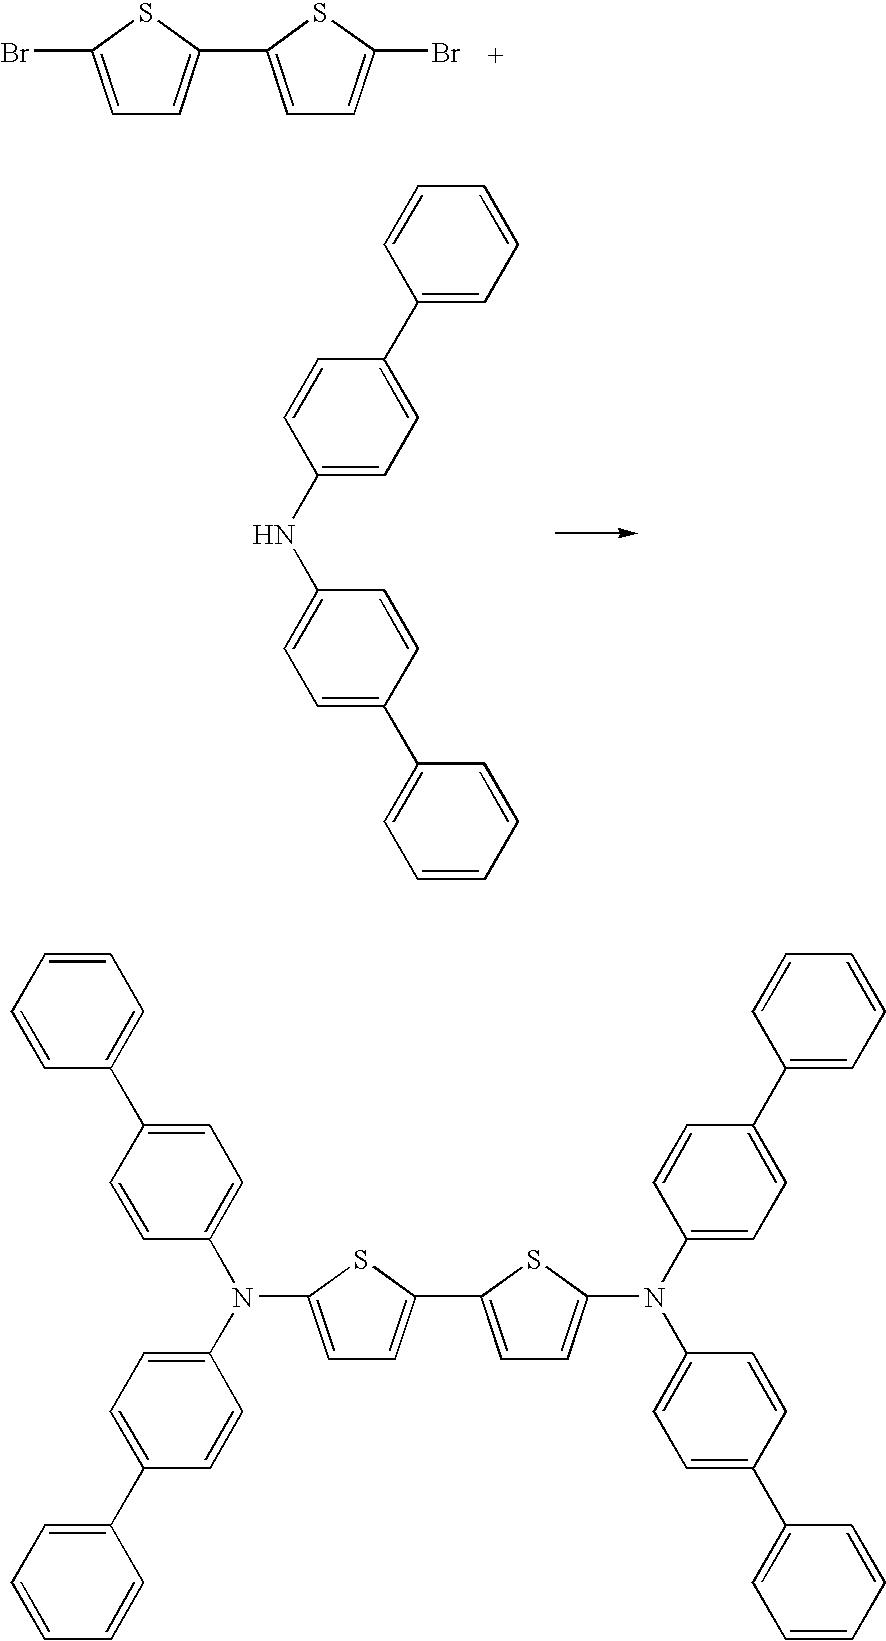 Figure US20090026935A1-20090129-C00044